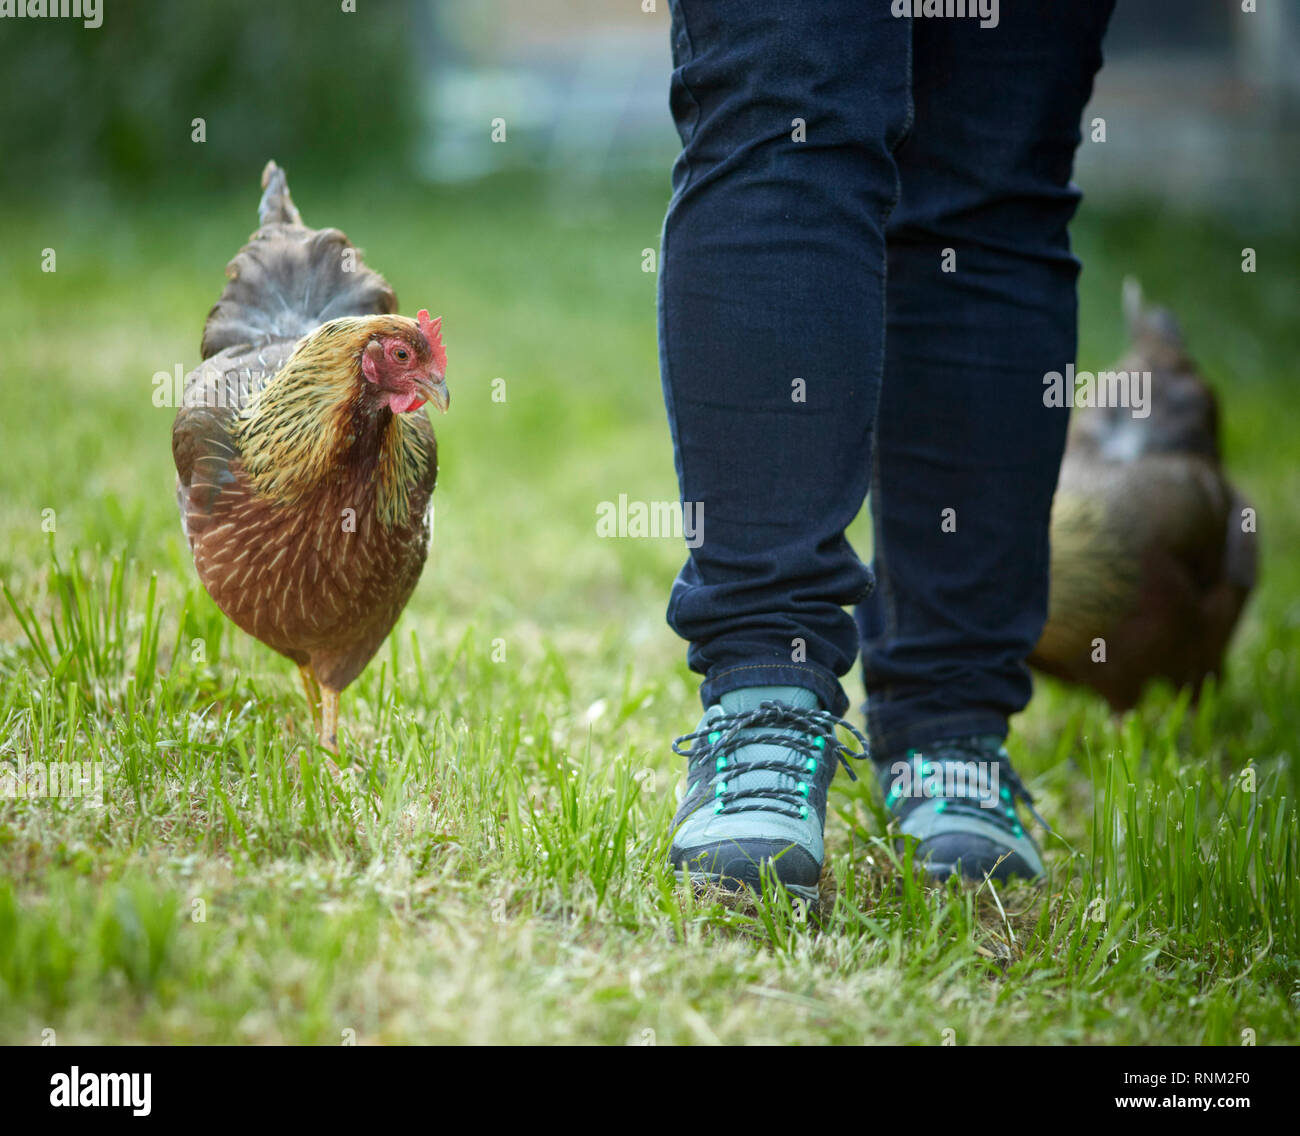 Welsummer Hühner. Paar zahme Hennen folgende Person im Garten. Deutschland Stockbild